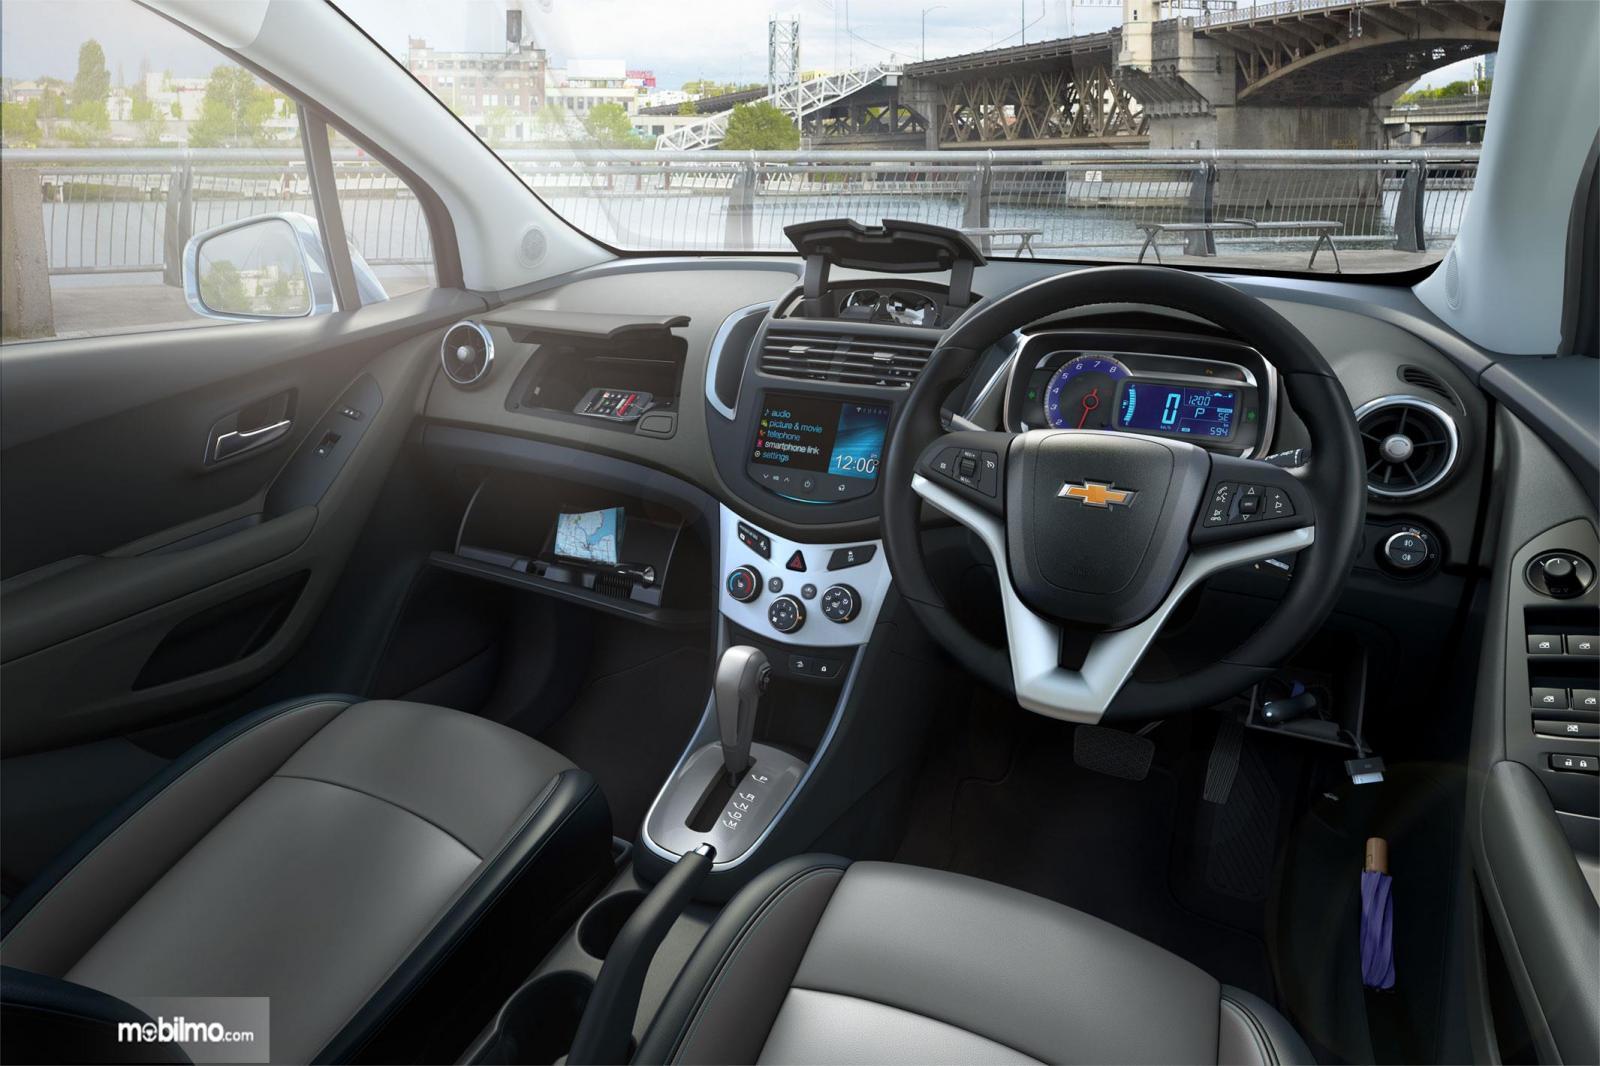 Dashboard Chevrolet Trax 2015 menghadirkan fitur-fitur yang lengkap dan mudah dioperasikan